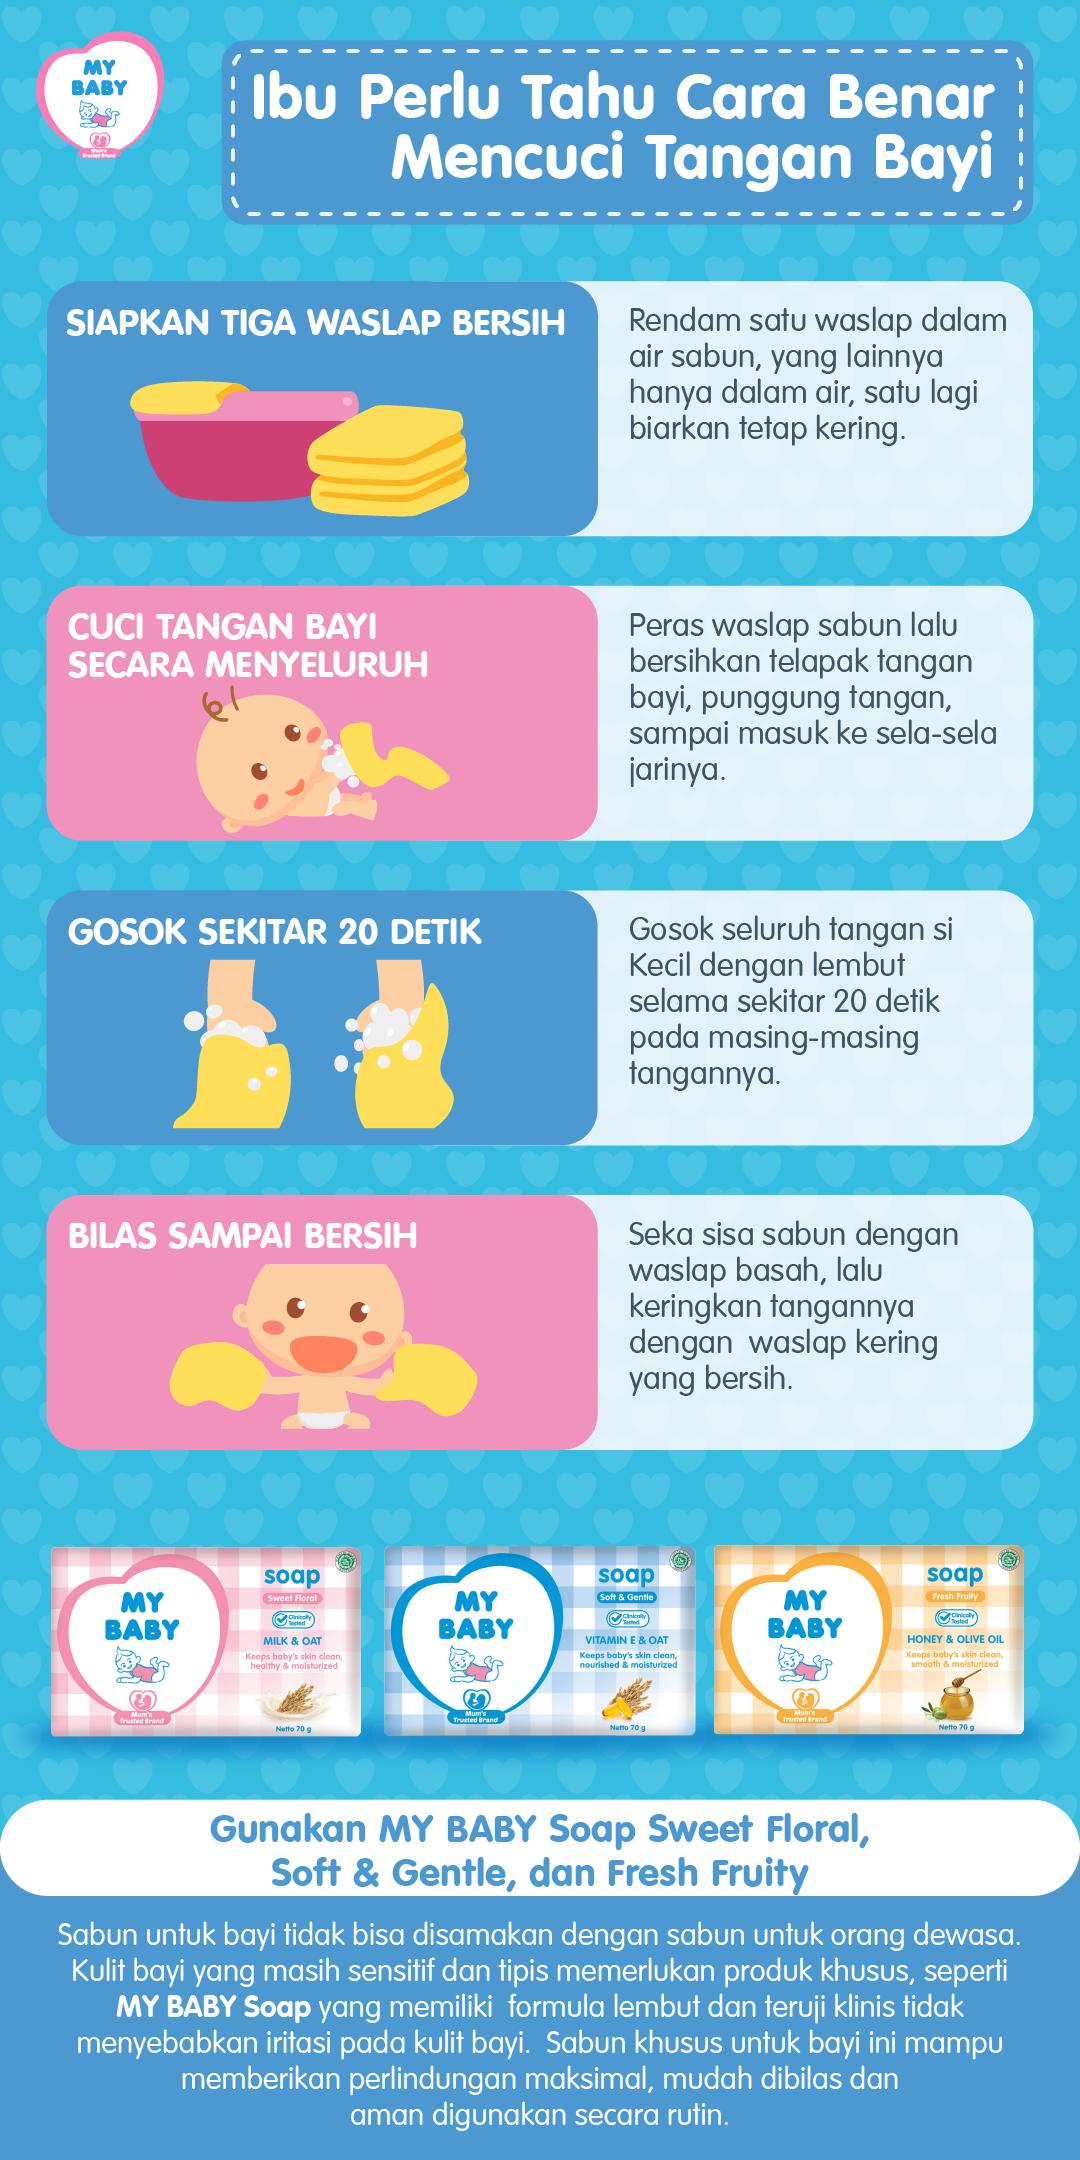 Ibu Perlu Tahu Cara Benar Mencuci Tangan Bayi